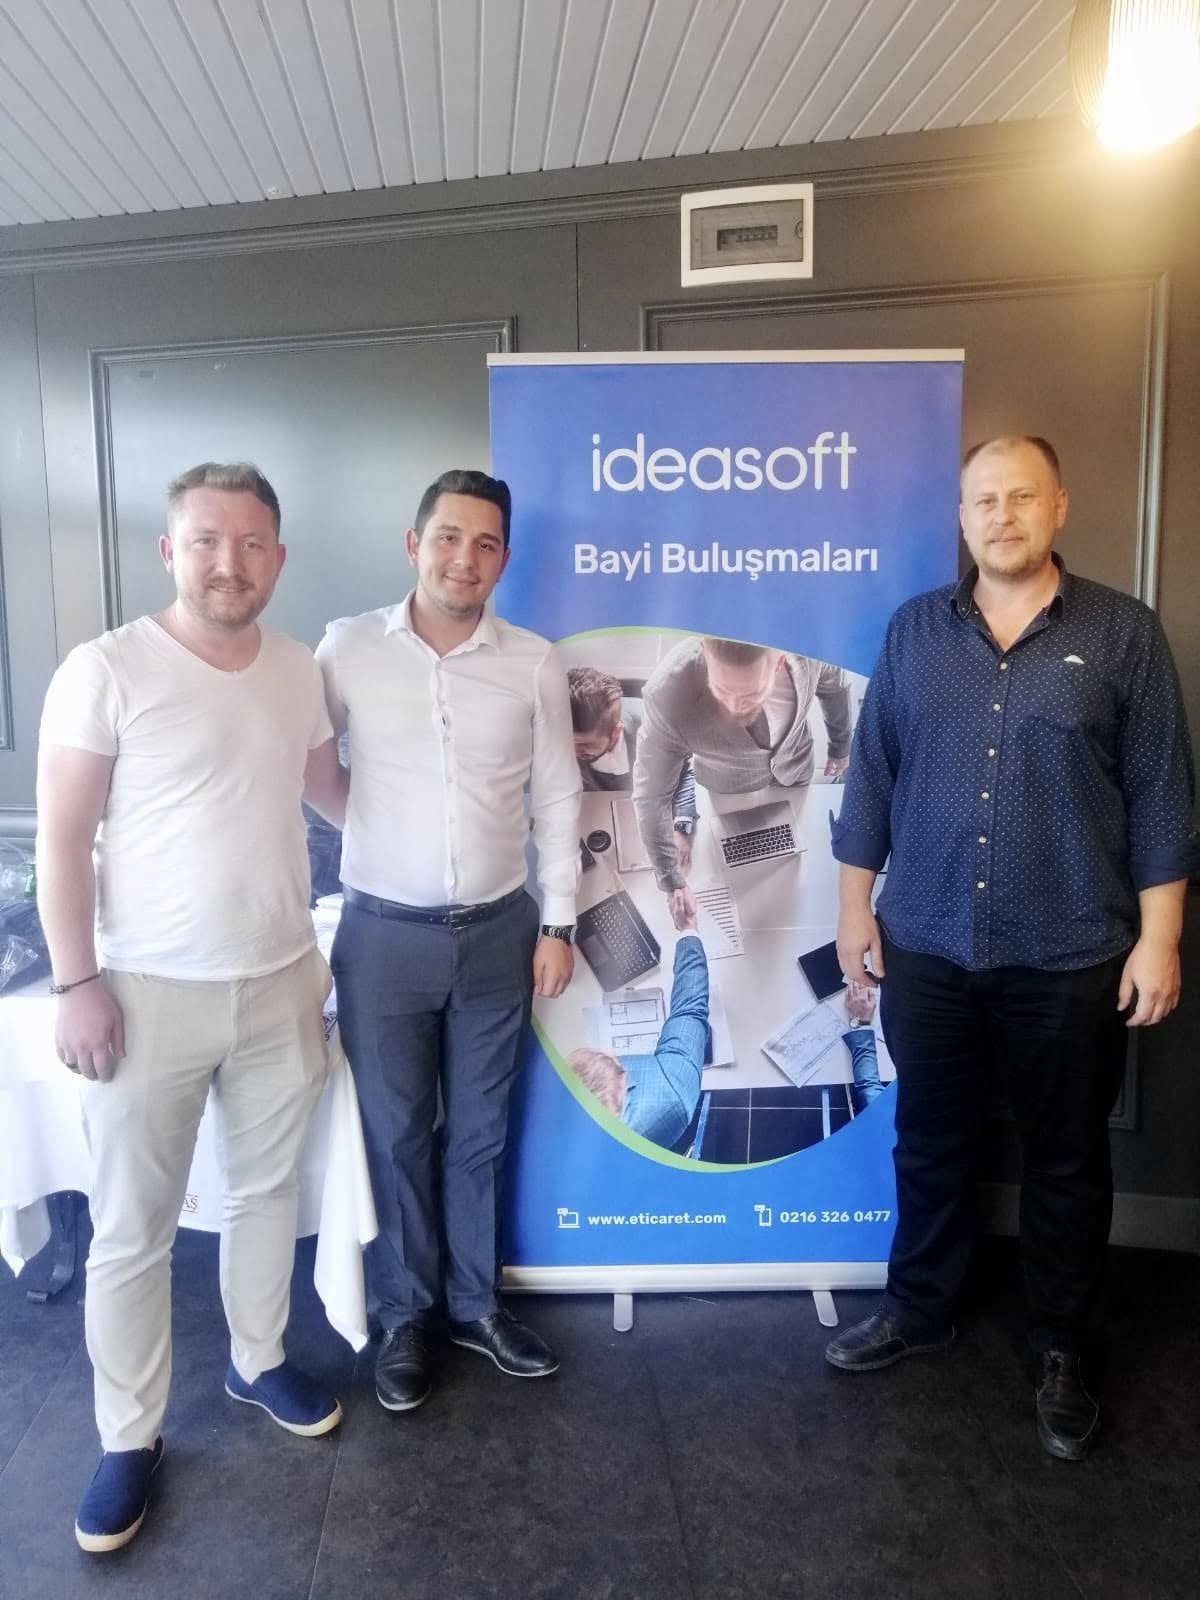 Serbay Interactive kurucu ortağı ve Kreatif Direktörü Özkan Gözütok, IdeaSoft Bölge Satış Müdürü Kaan Balcı, Serbay Interactive kurucu ortağı ve ajans başkanı Görkem Özdemir